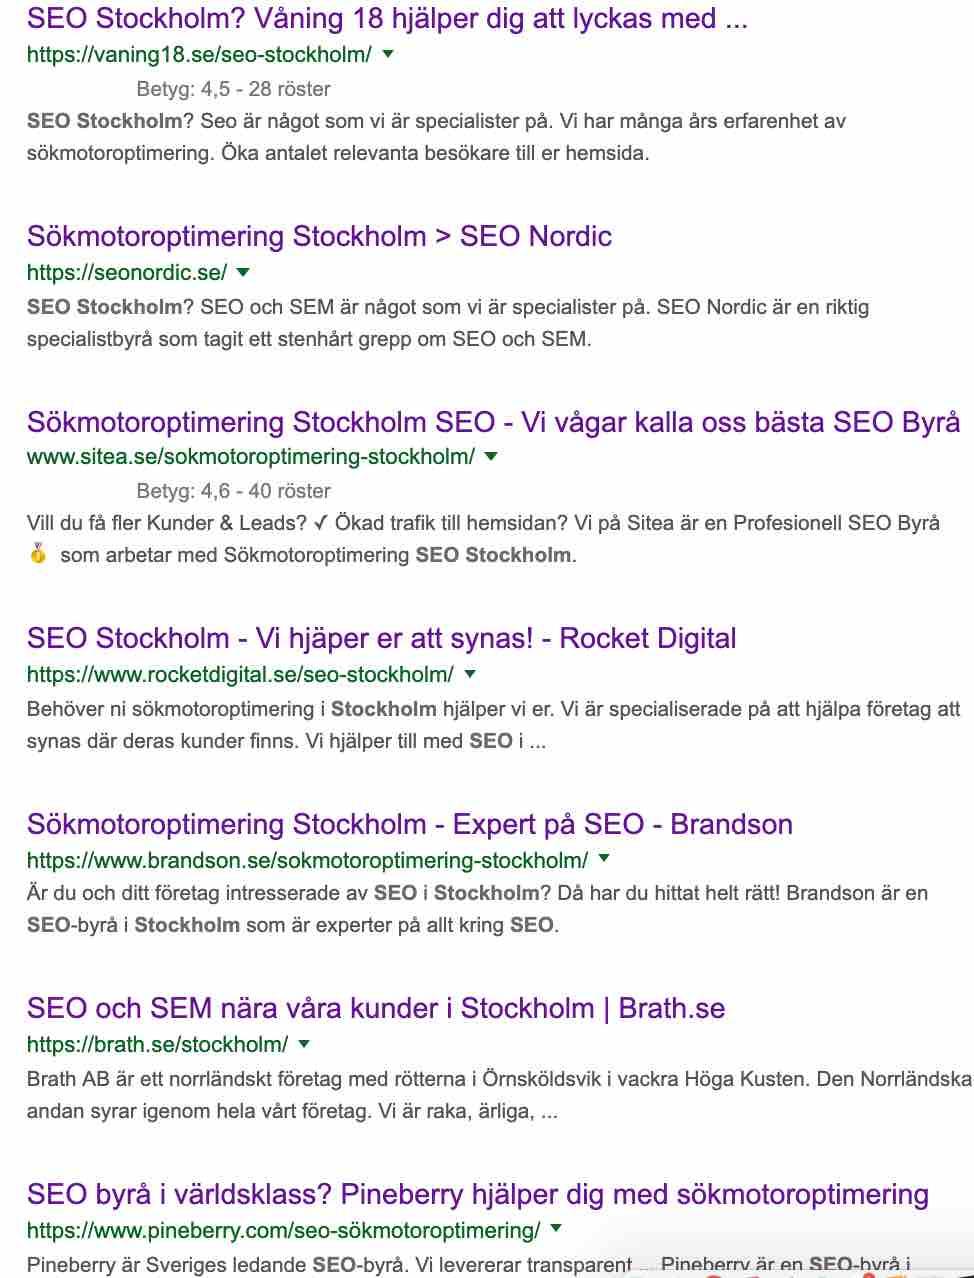 Topp 7 sökresultatet för sökningen SEO Stockholm tisdagen den 9:e April 2019